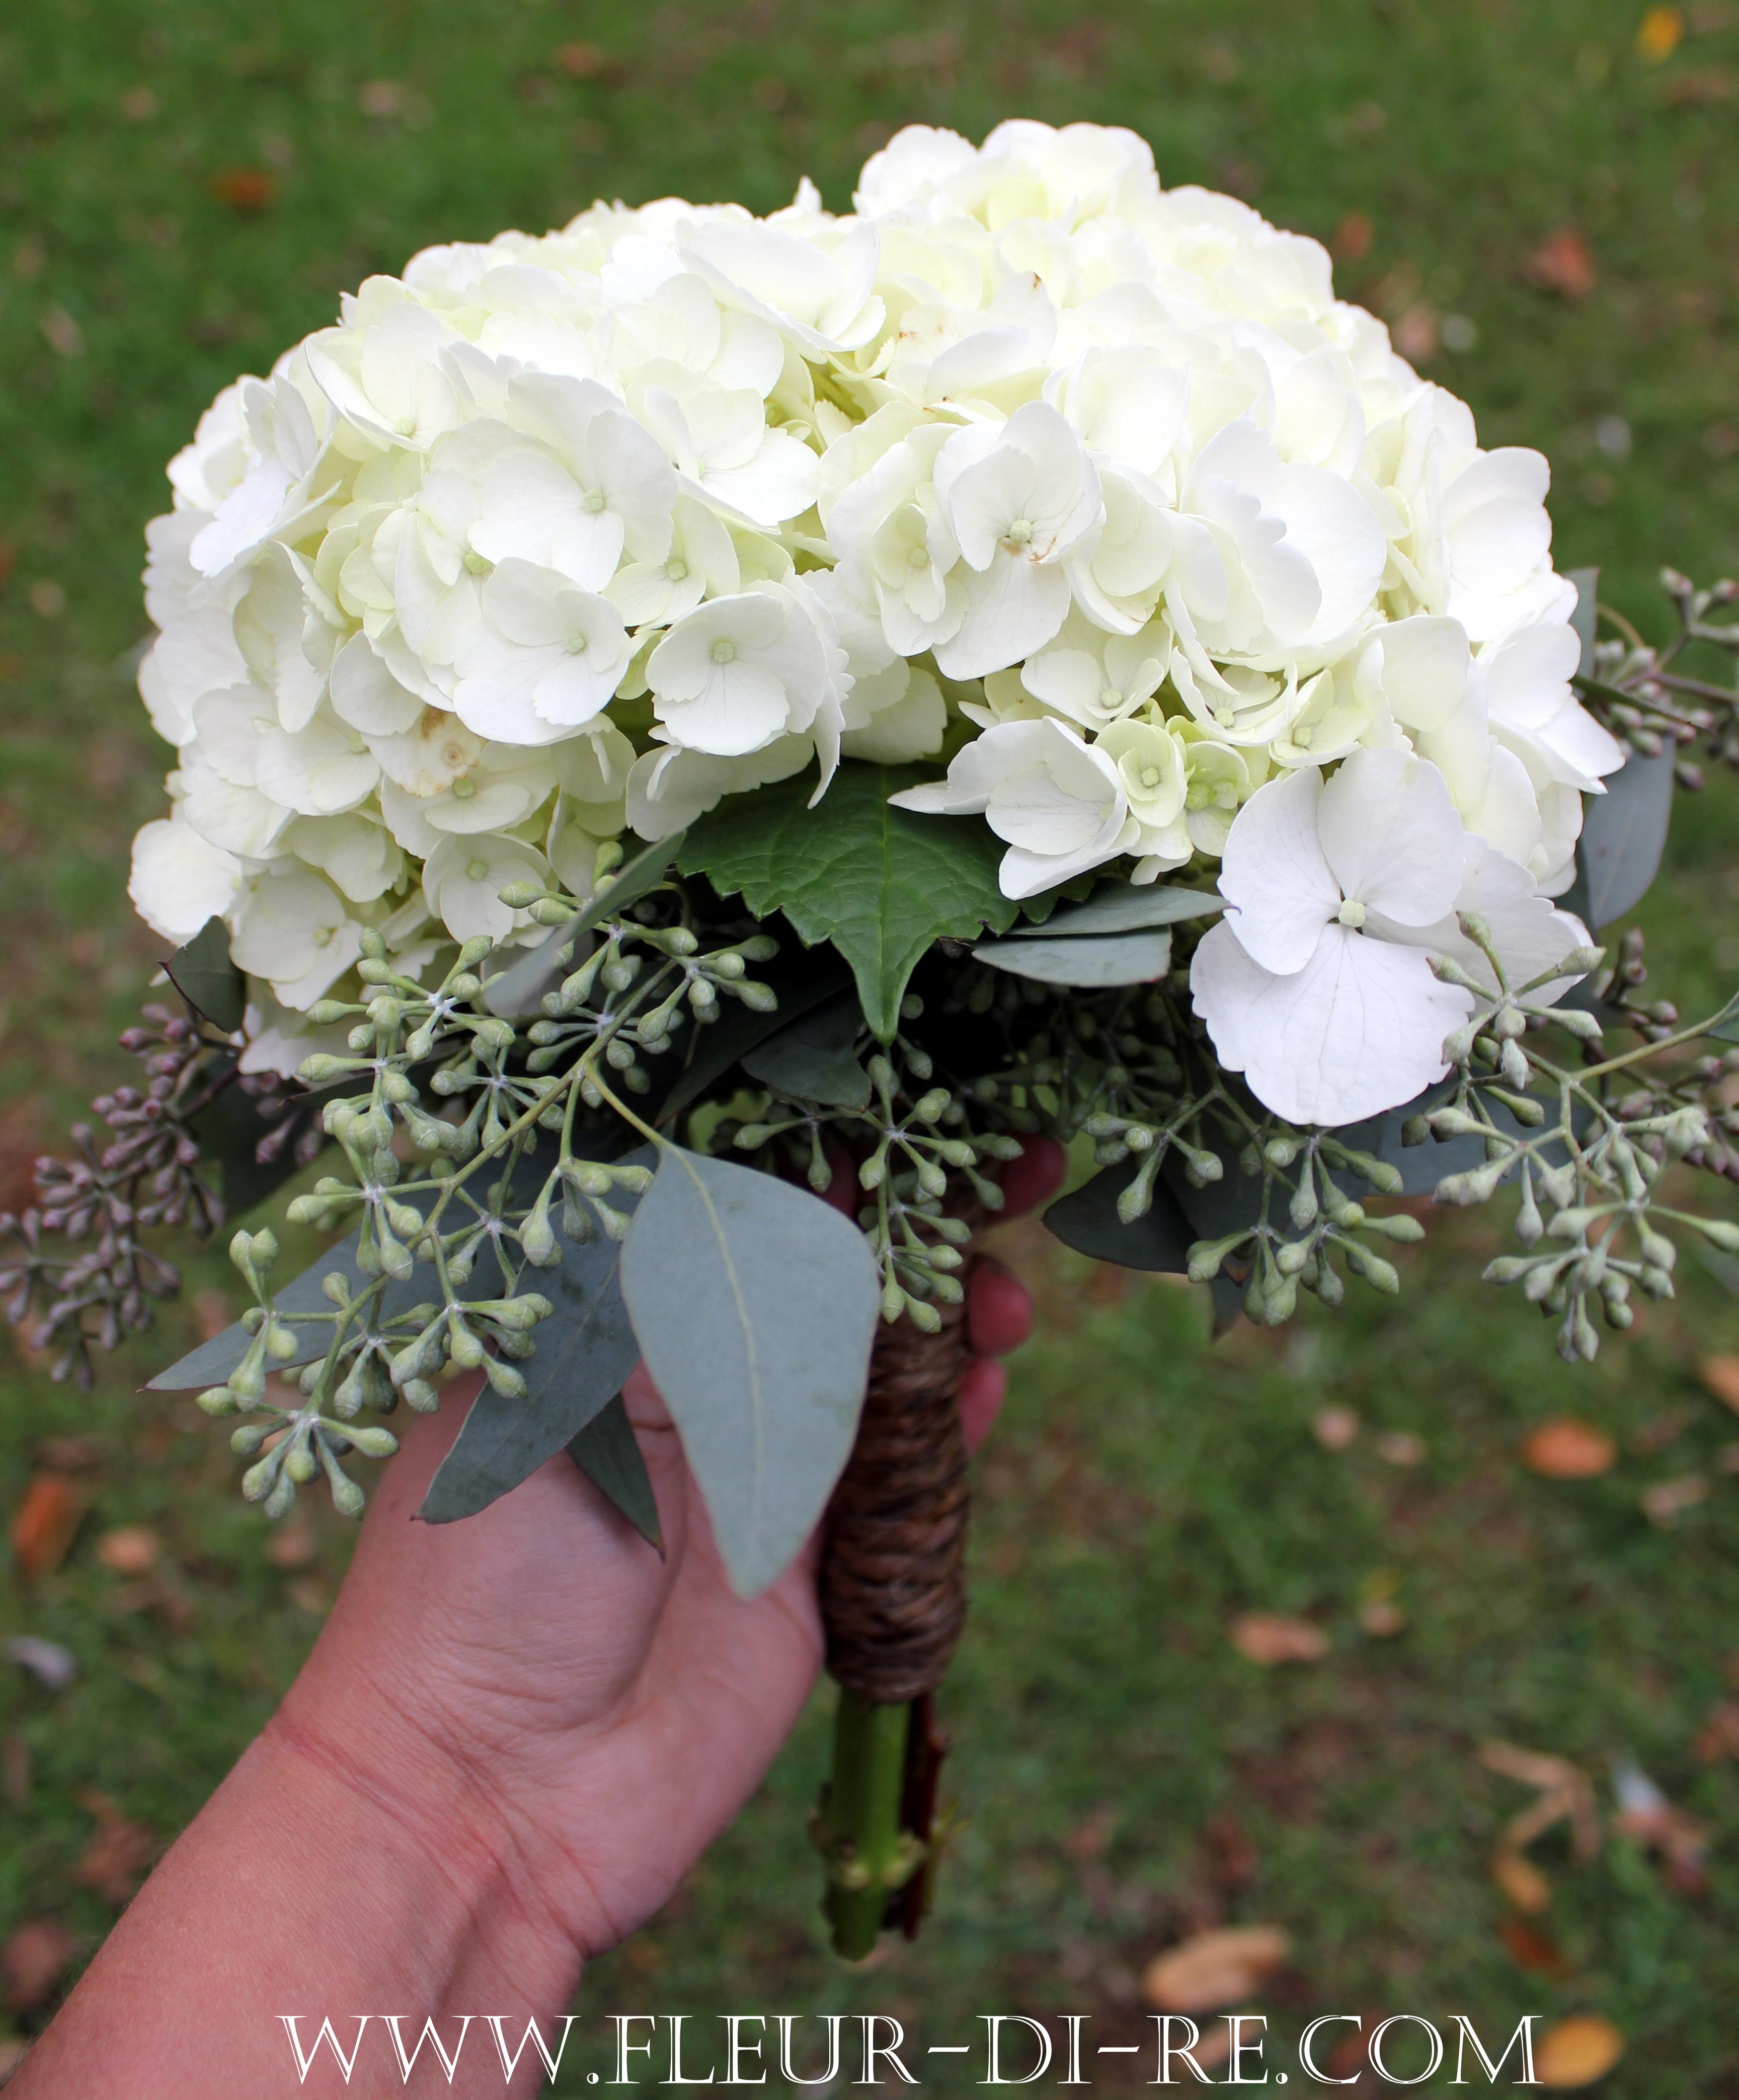 Hydrangea fleur di re